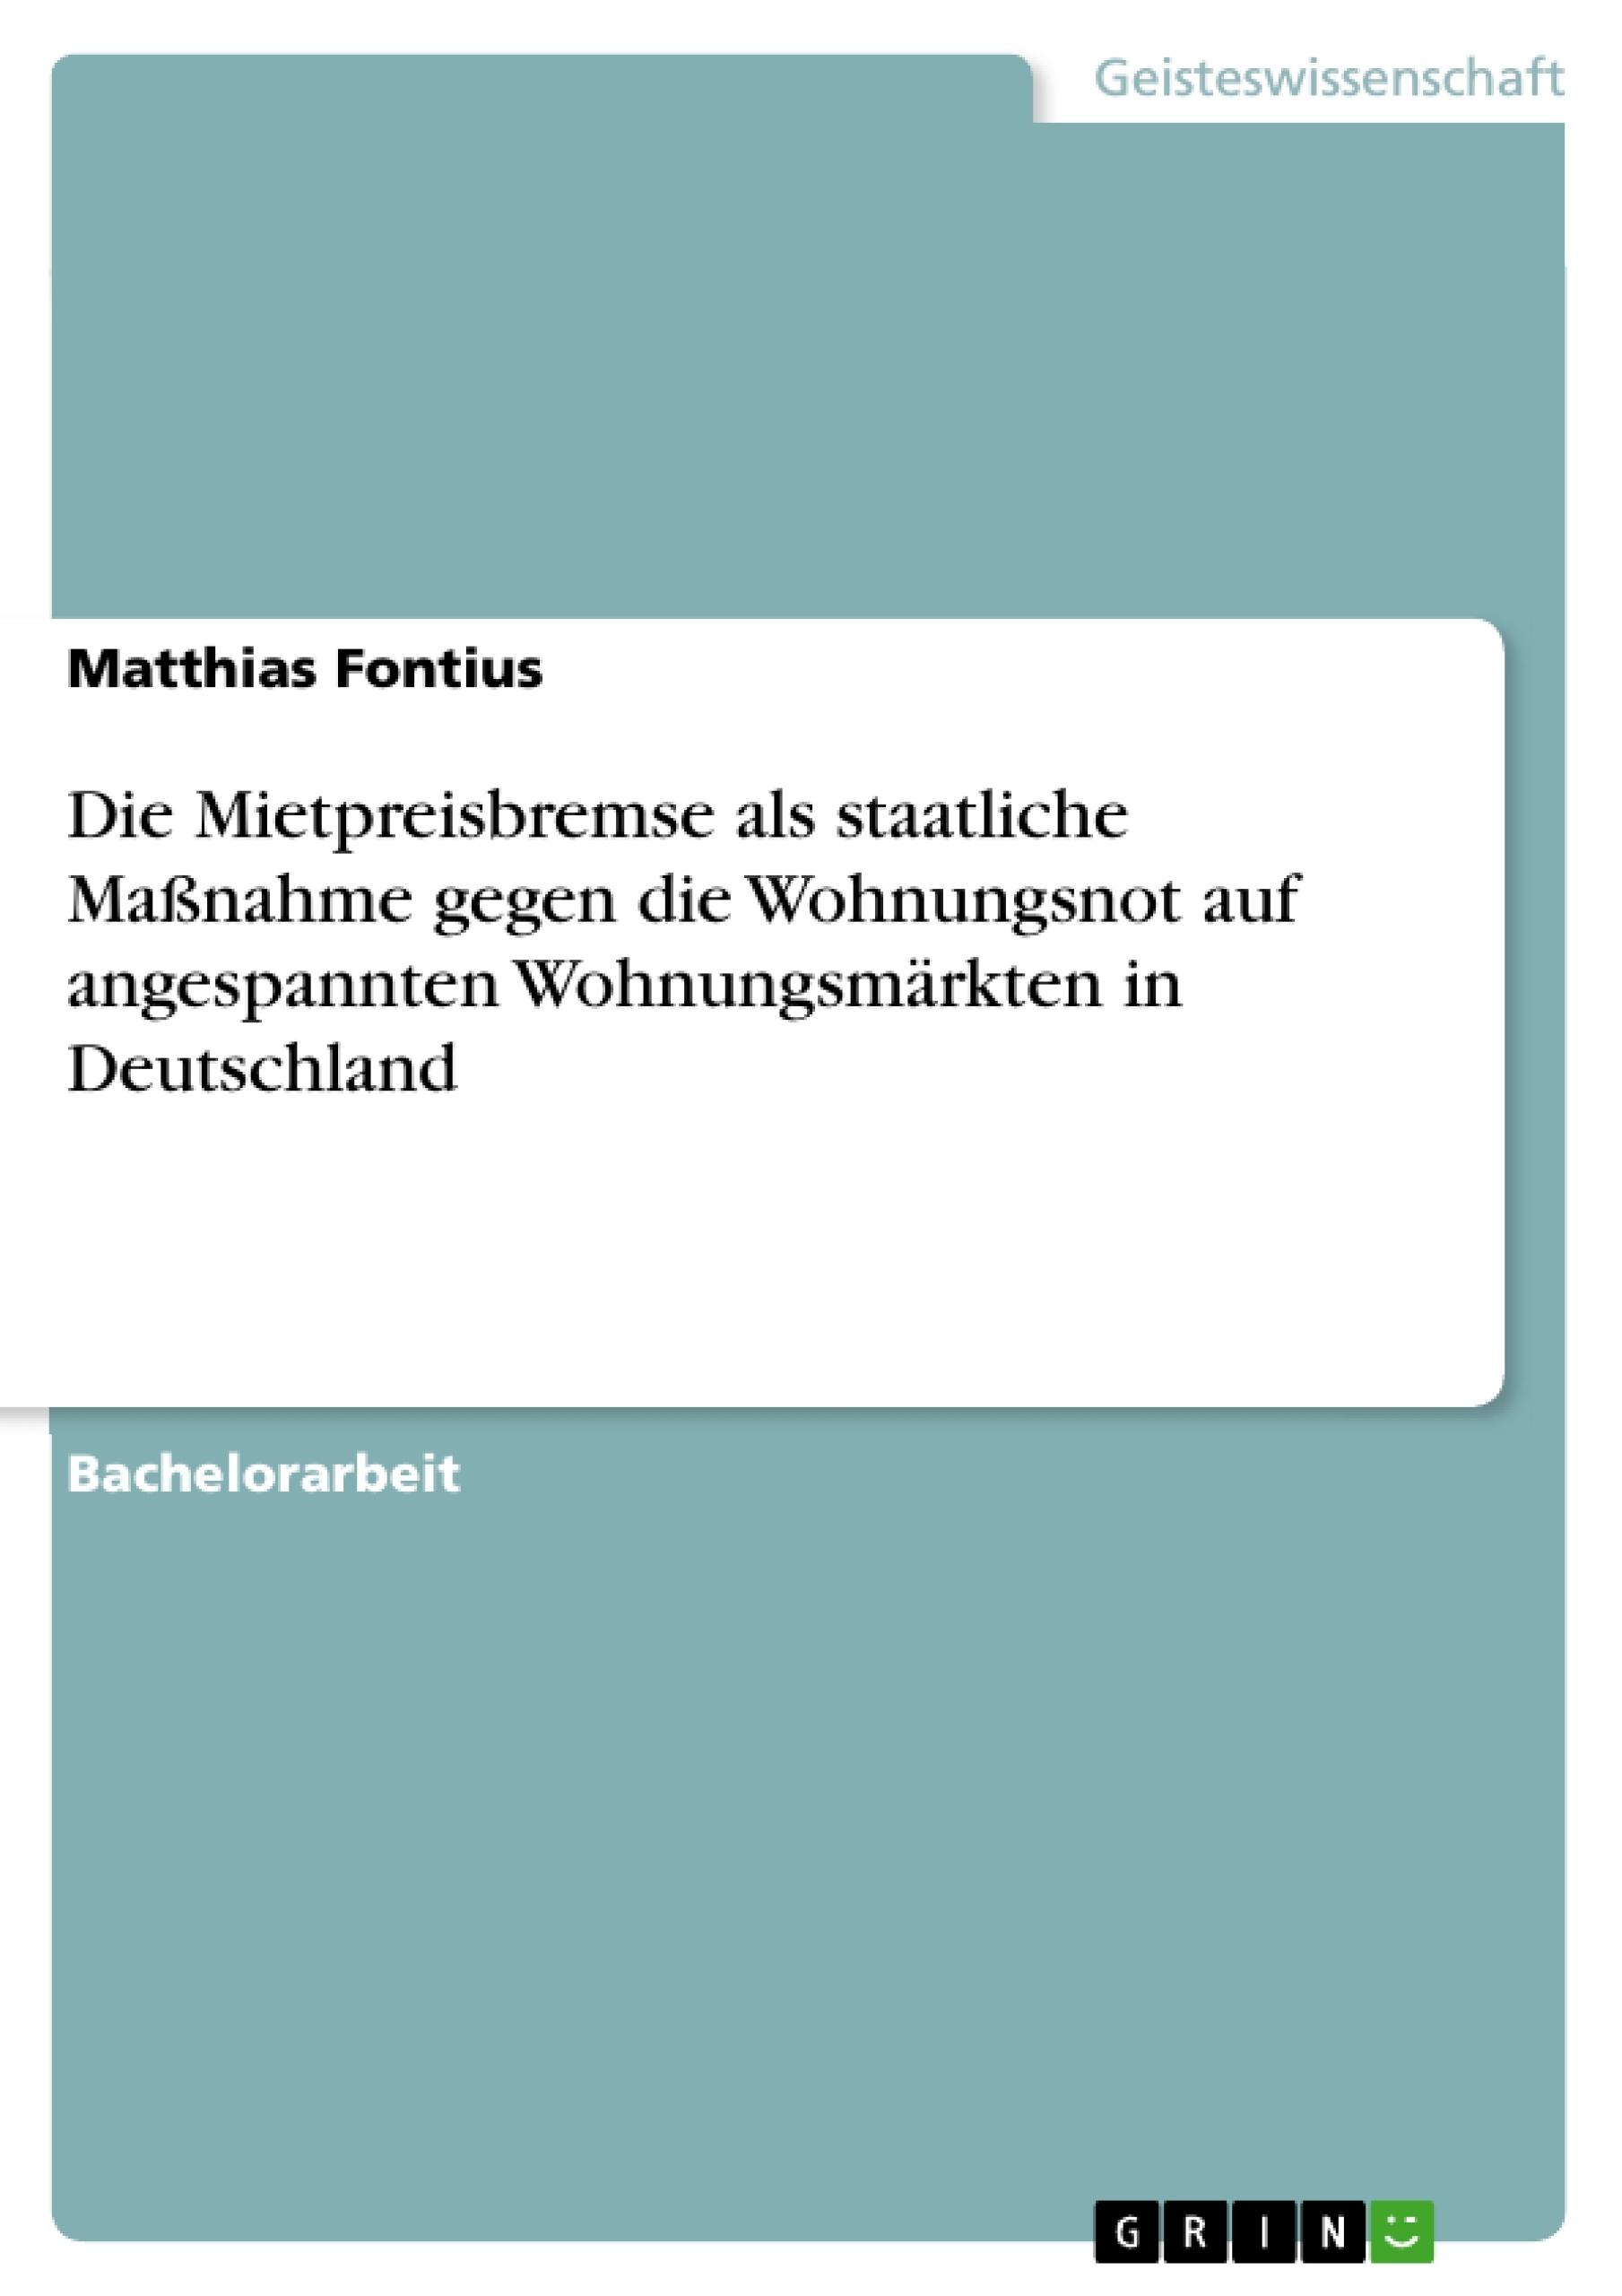 Titel: Die Mietpreisbremse als staatliche Maßnahme gegen die Wohnungsnot auf angespannten Wohnungsmärkten in Deutschland